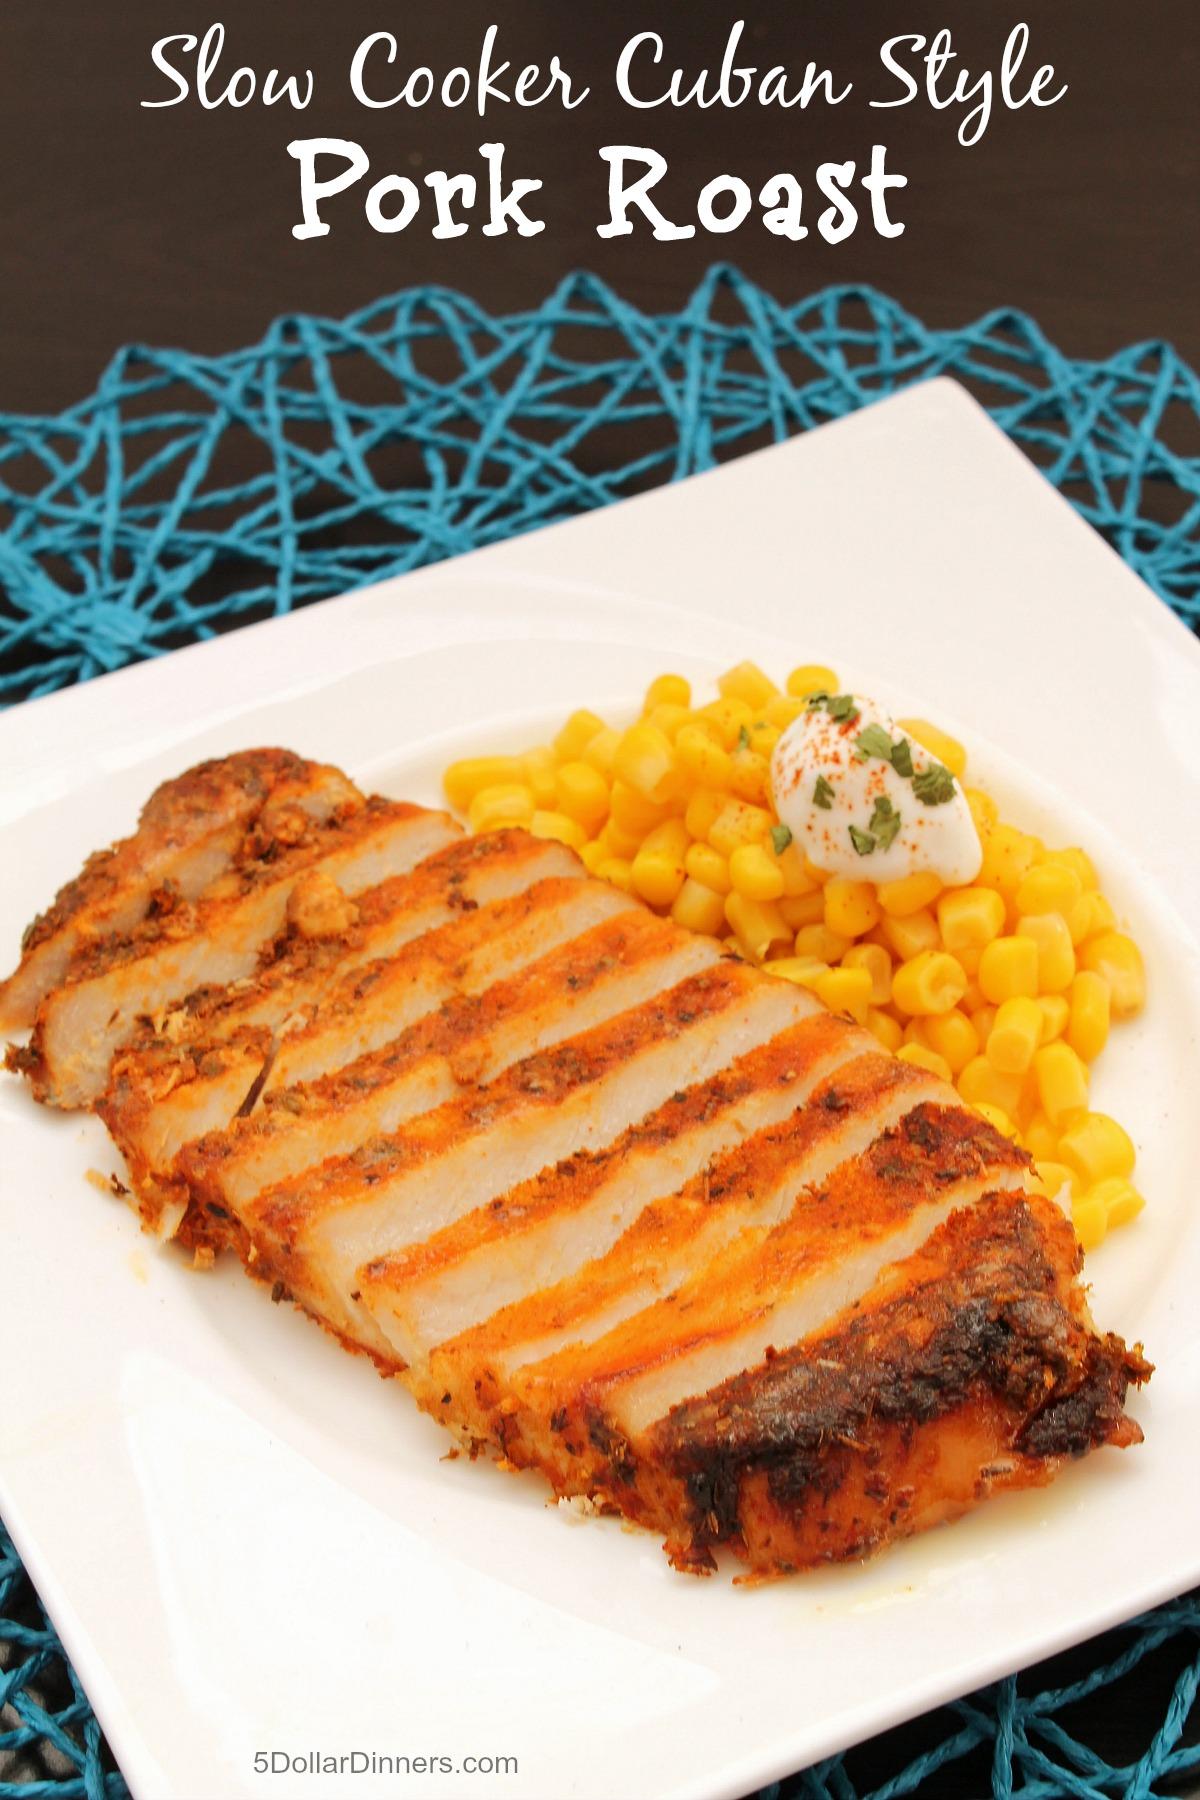 Slow Cooker Cuban Style Pork Roast from 5DollarDinners.com